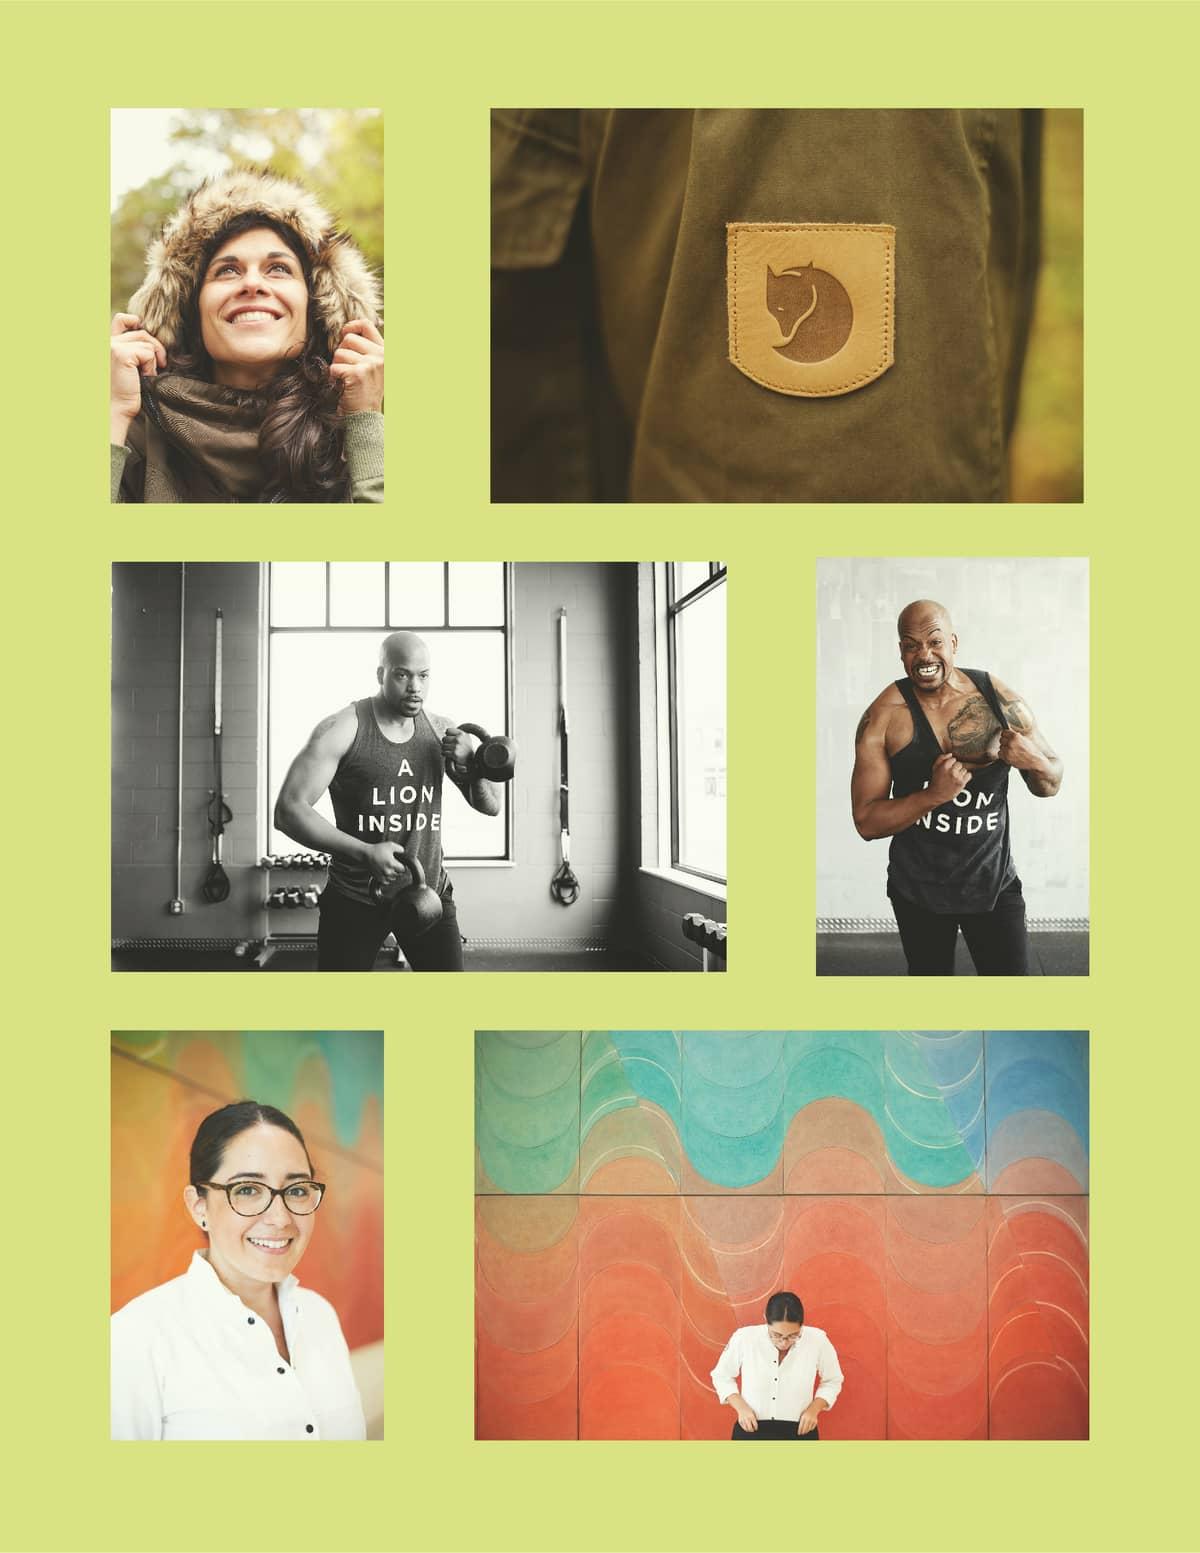 Pilsen_brochure_social_marketing-07